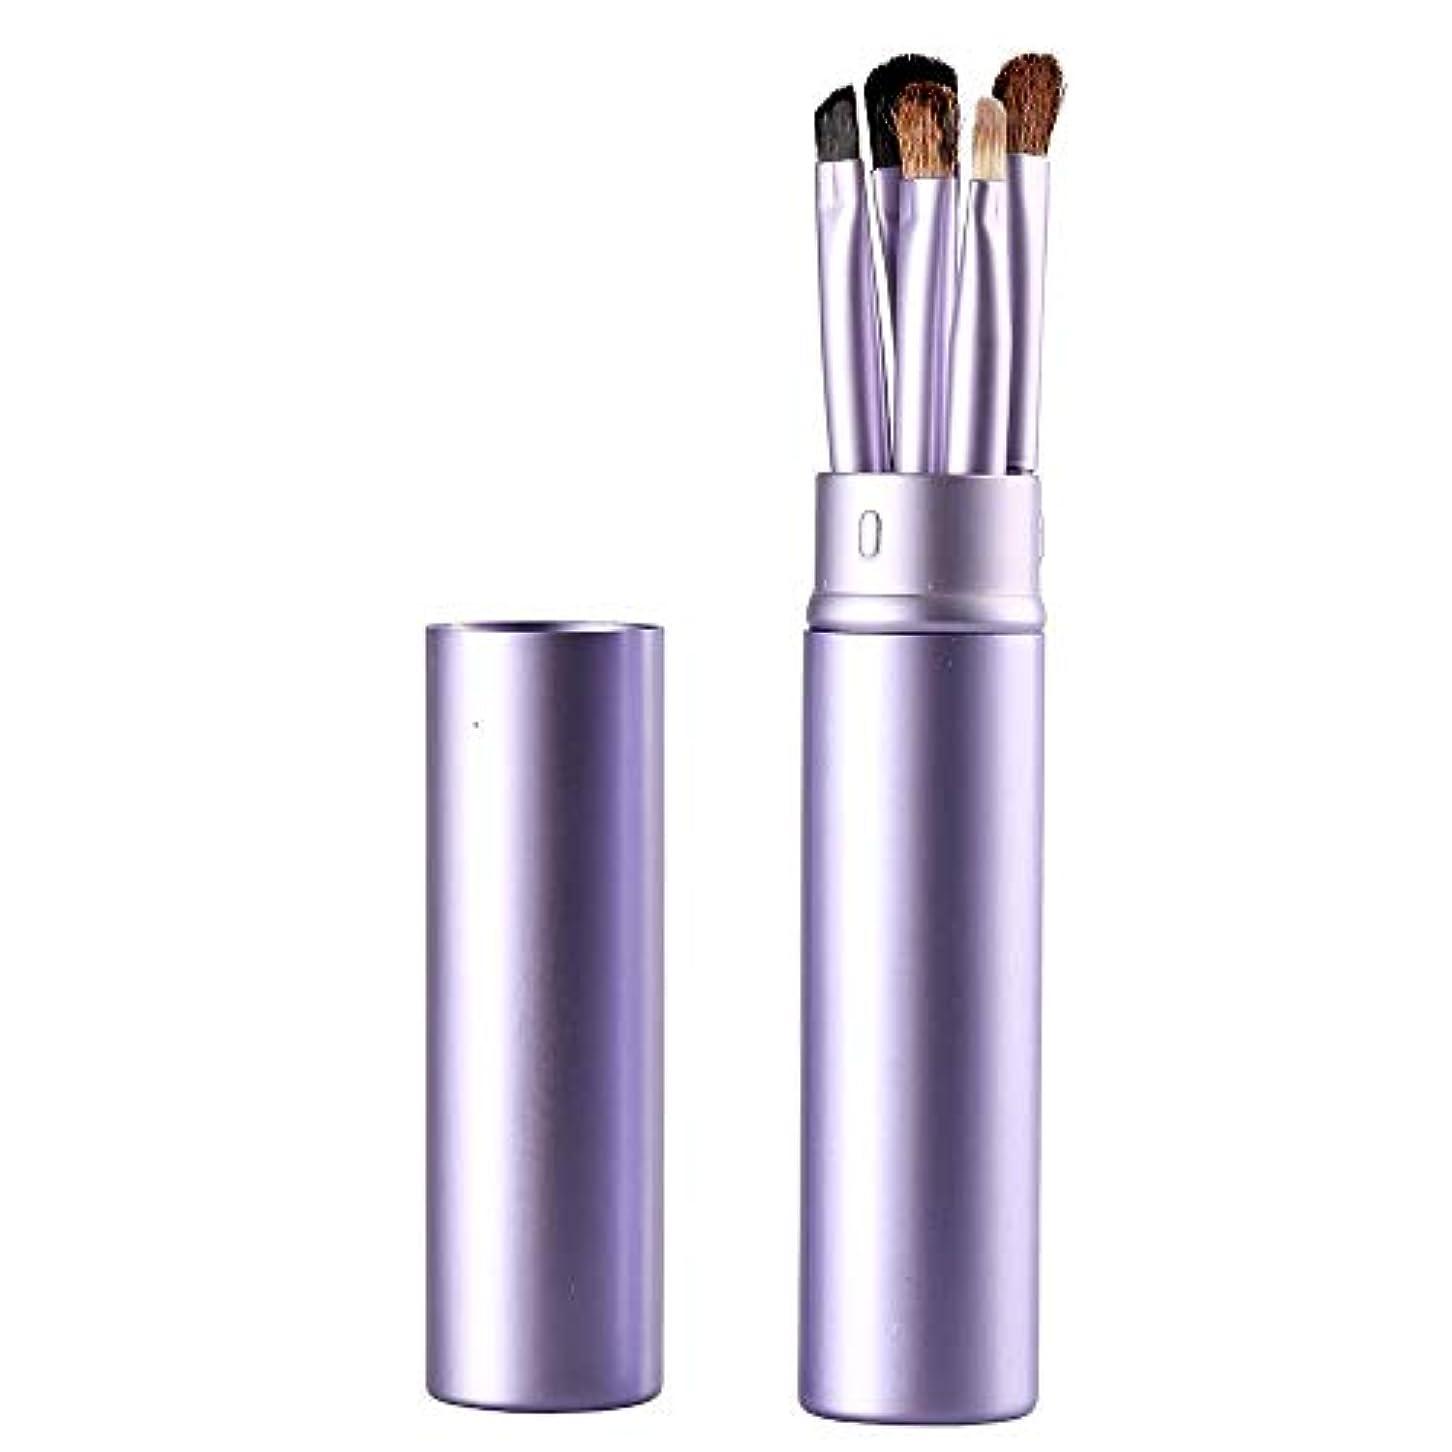 コミットメント灰マエストロMakeup brushes 紫色、アイメイクブラシセットブラシ5アイブラシメイクペン美容メイクツールで化粧チューブ保護 suits (Color : Purple)